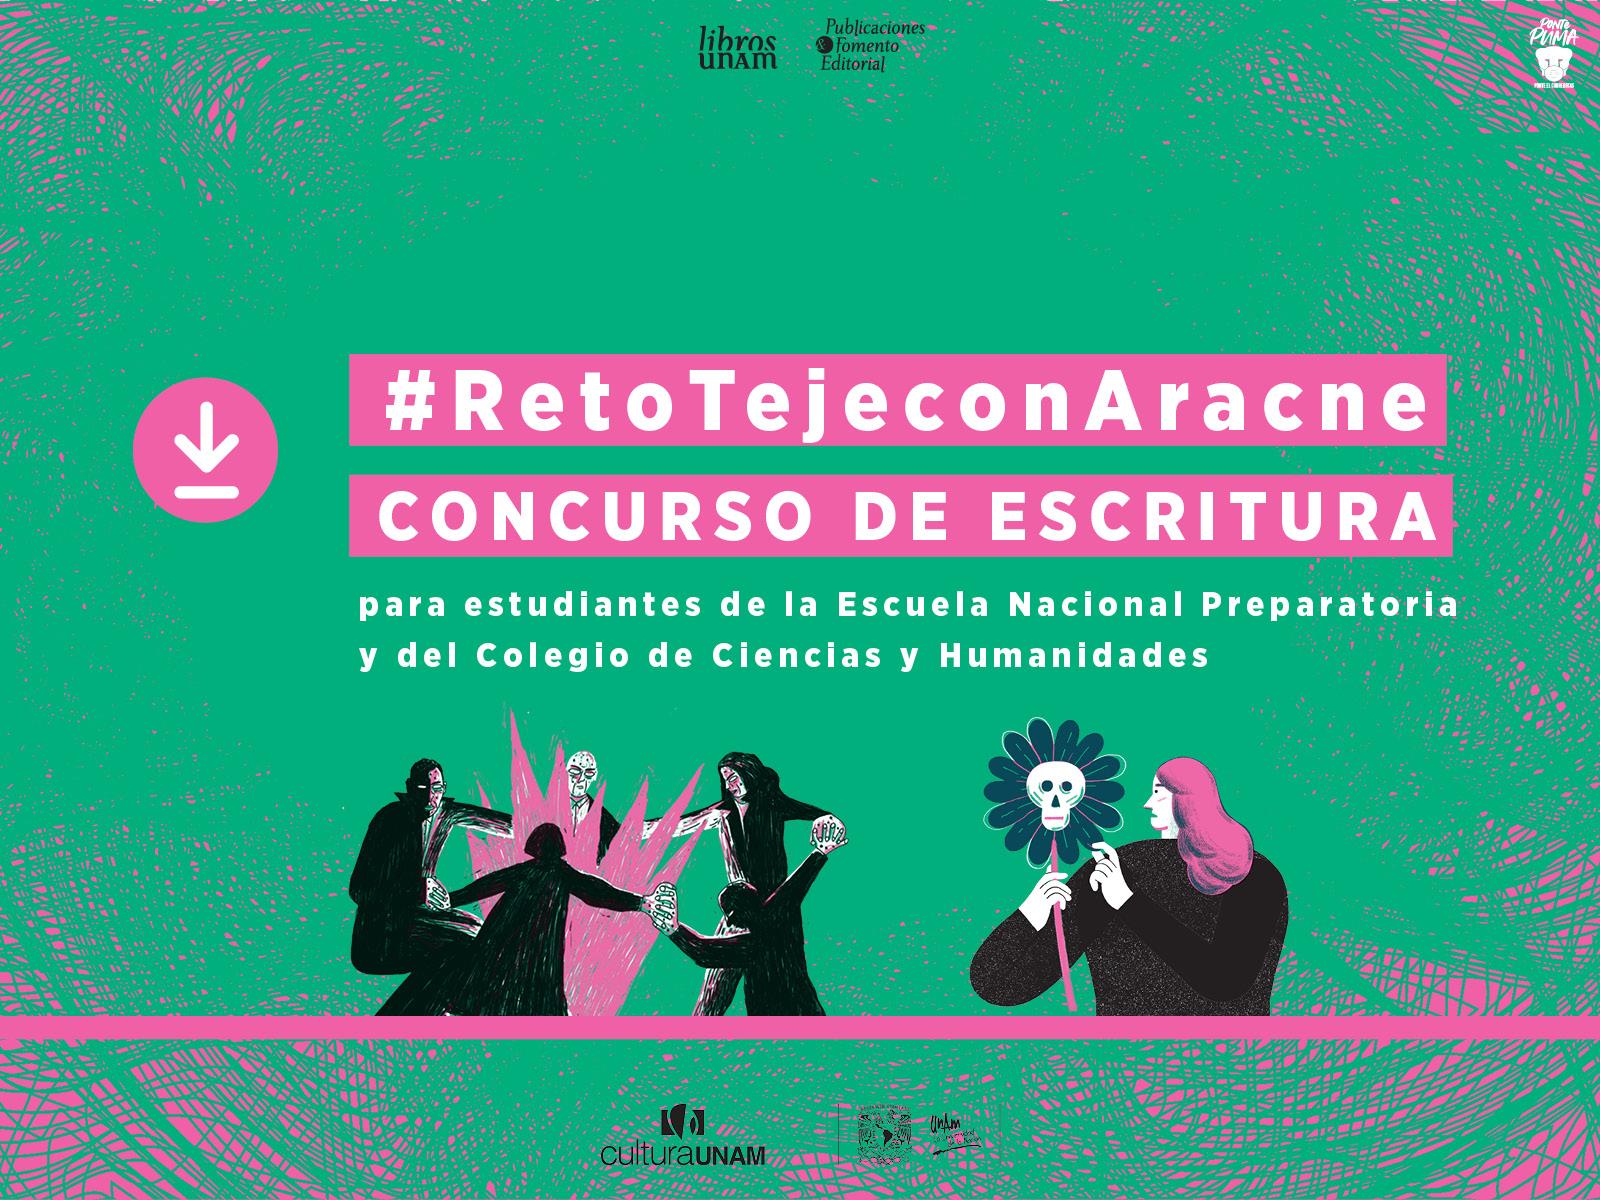 Concurso de escritura, Aracne, Libros UNAM